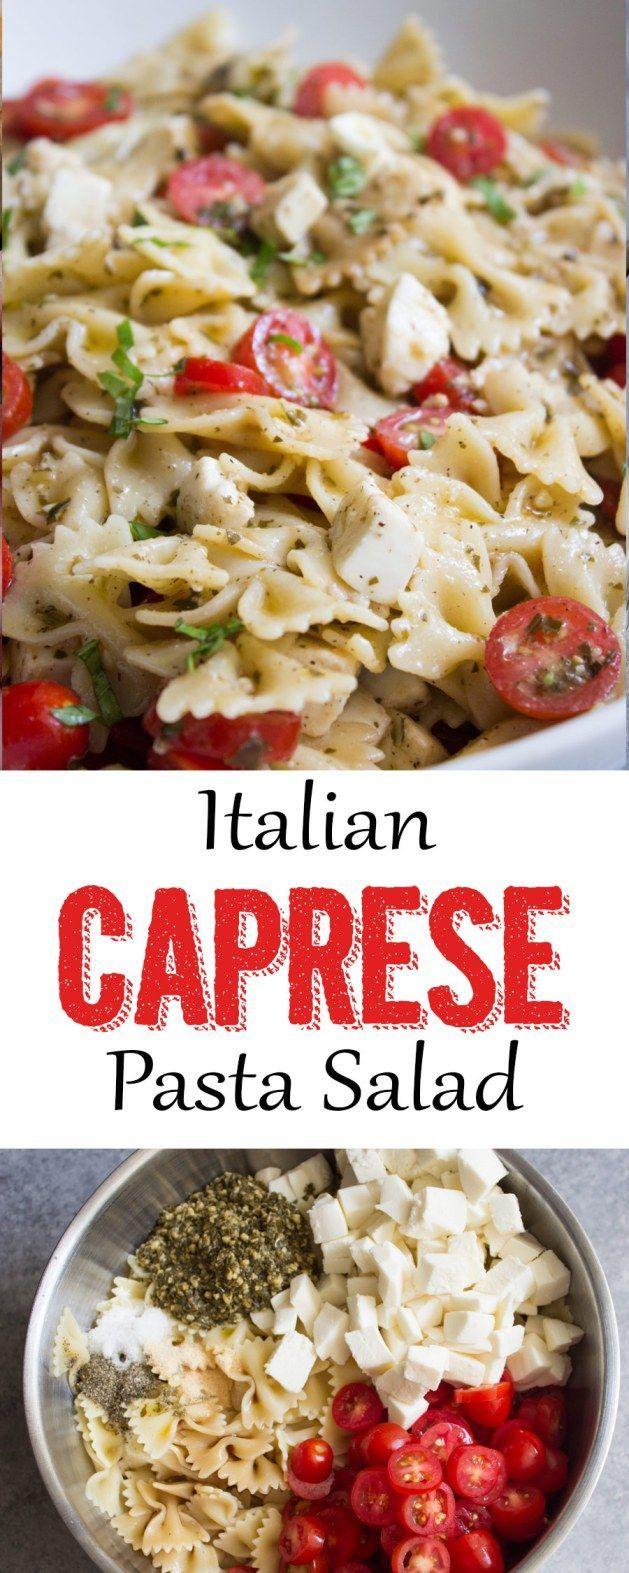 This Italian Caprese Pasta Salad is the perfect side dish! Caprese Pasta Salad